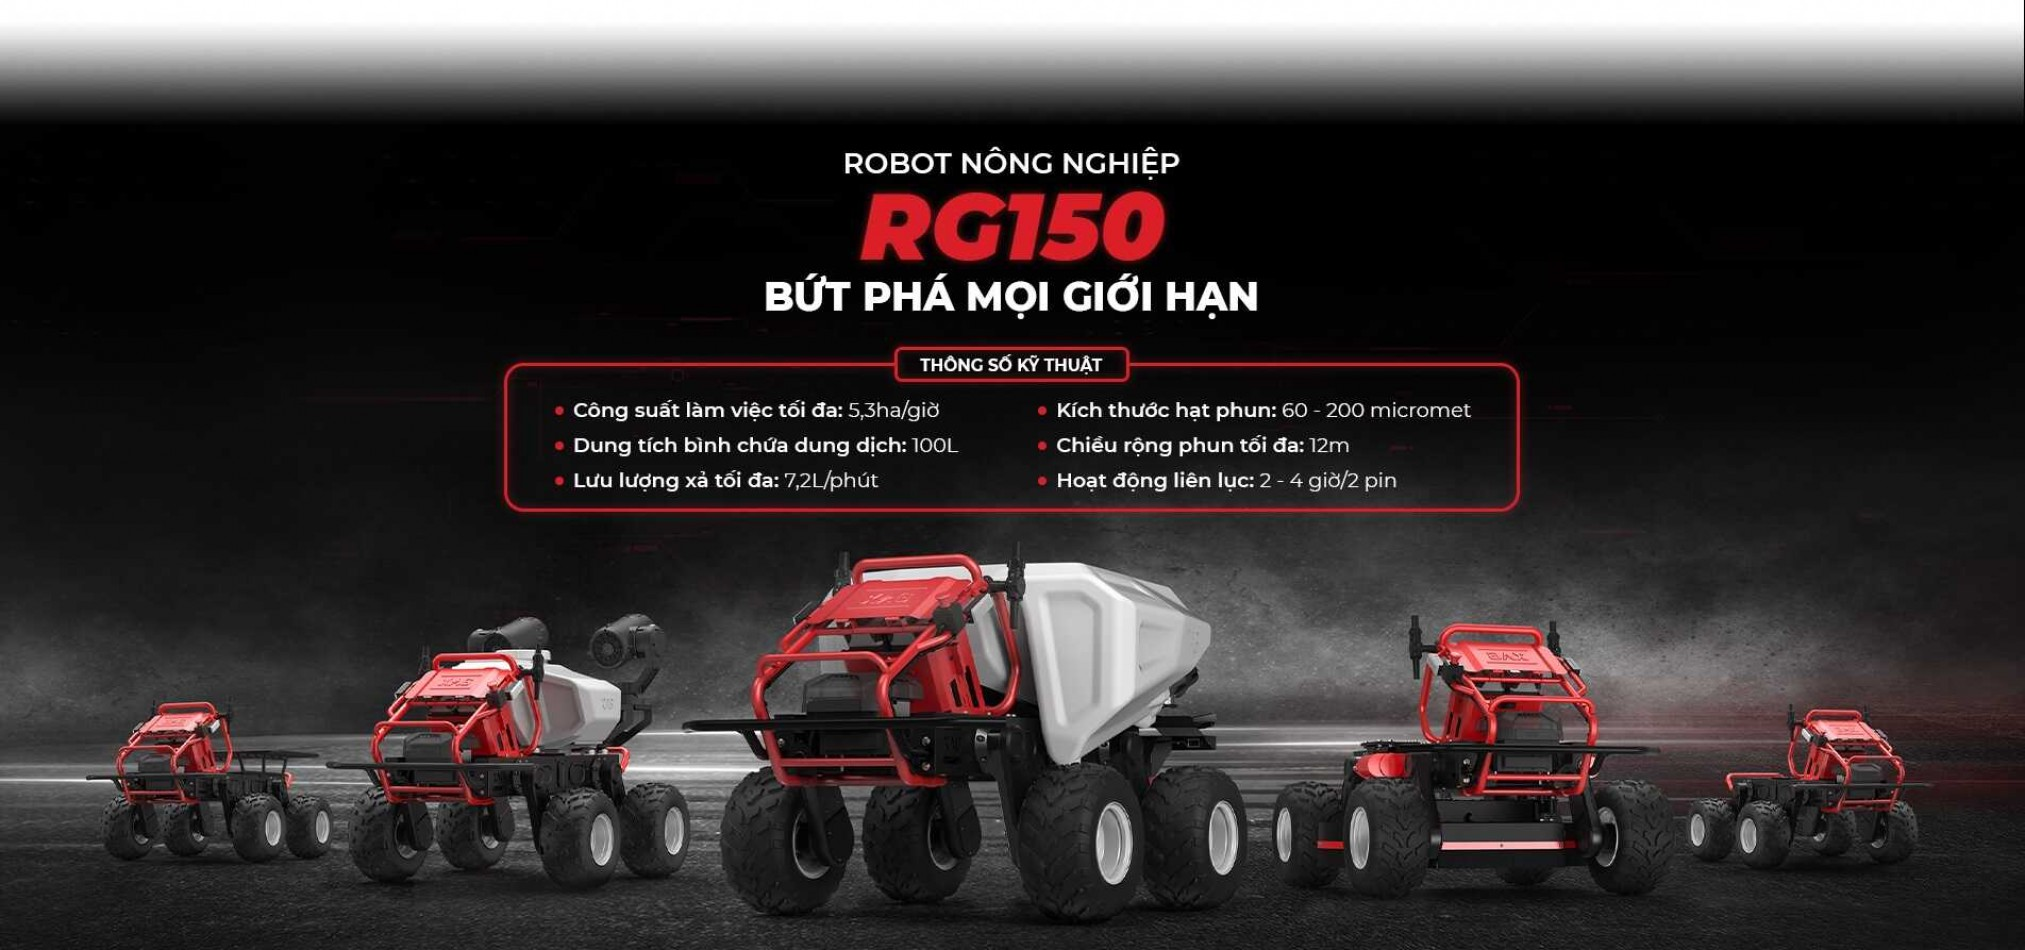 Địa chỉ bán robot phun thuốc nông nghiệp tại Việt Nam